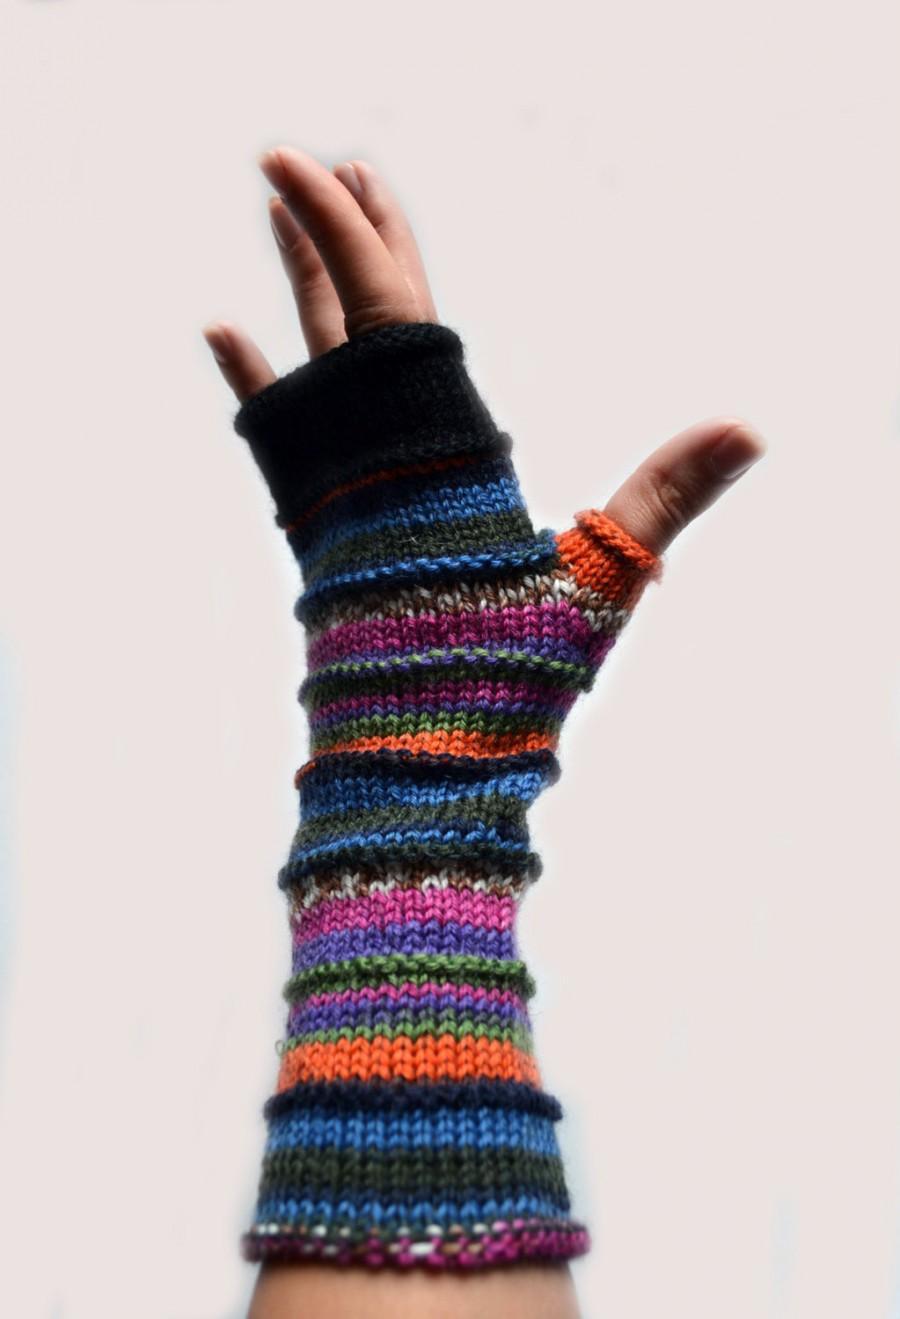 Свадьба - Merino Wool Fingerless gloves - Wool Arm warmers - Fingerless gloves - Fashion Gloves - Rainbow Fingerless Gloves nO 63.